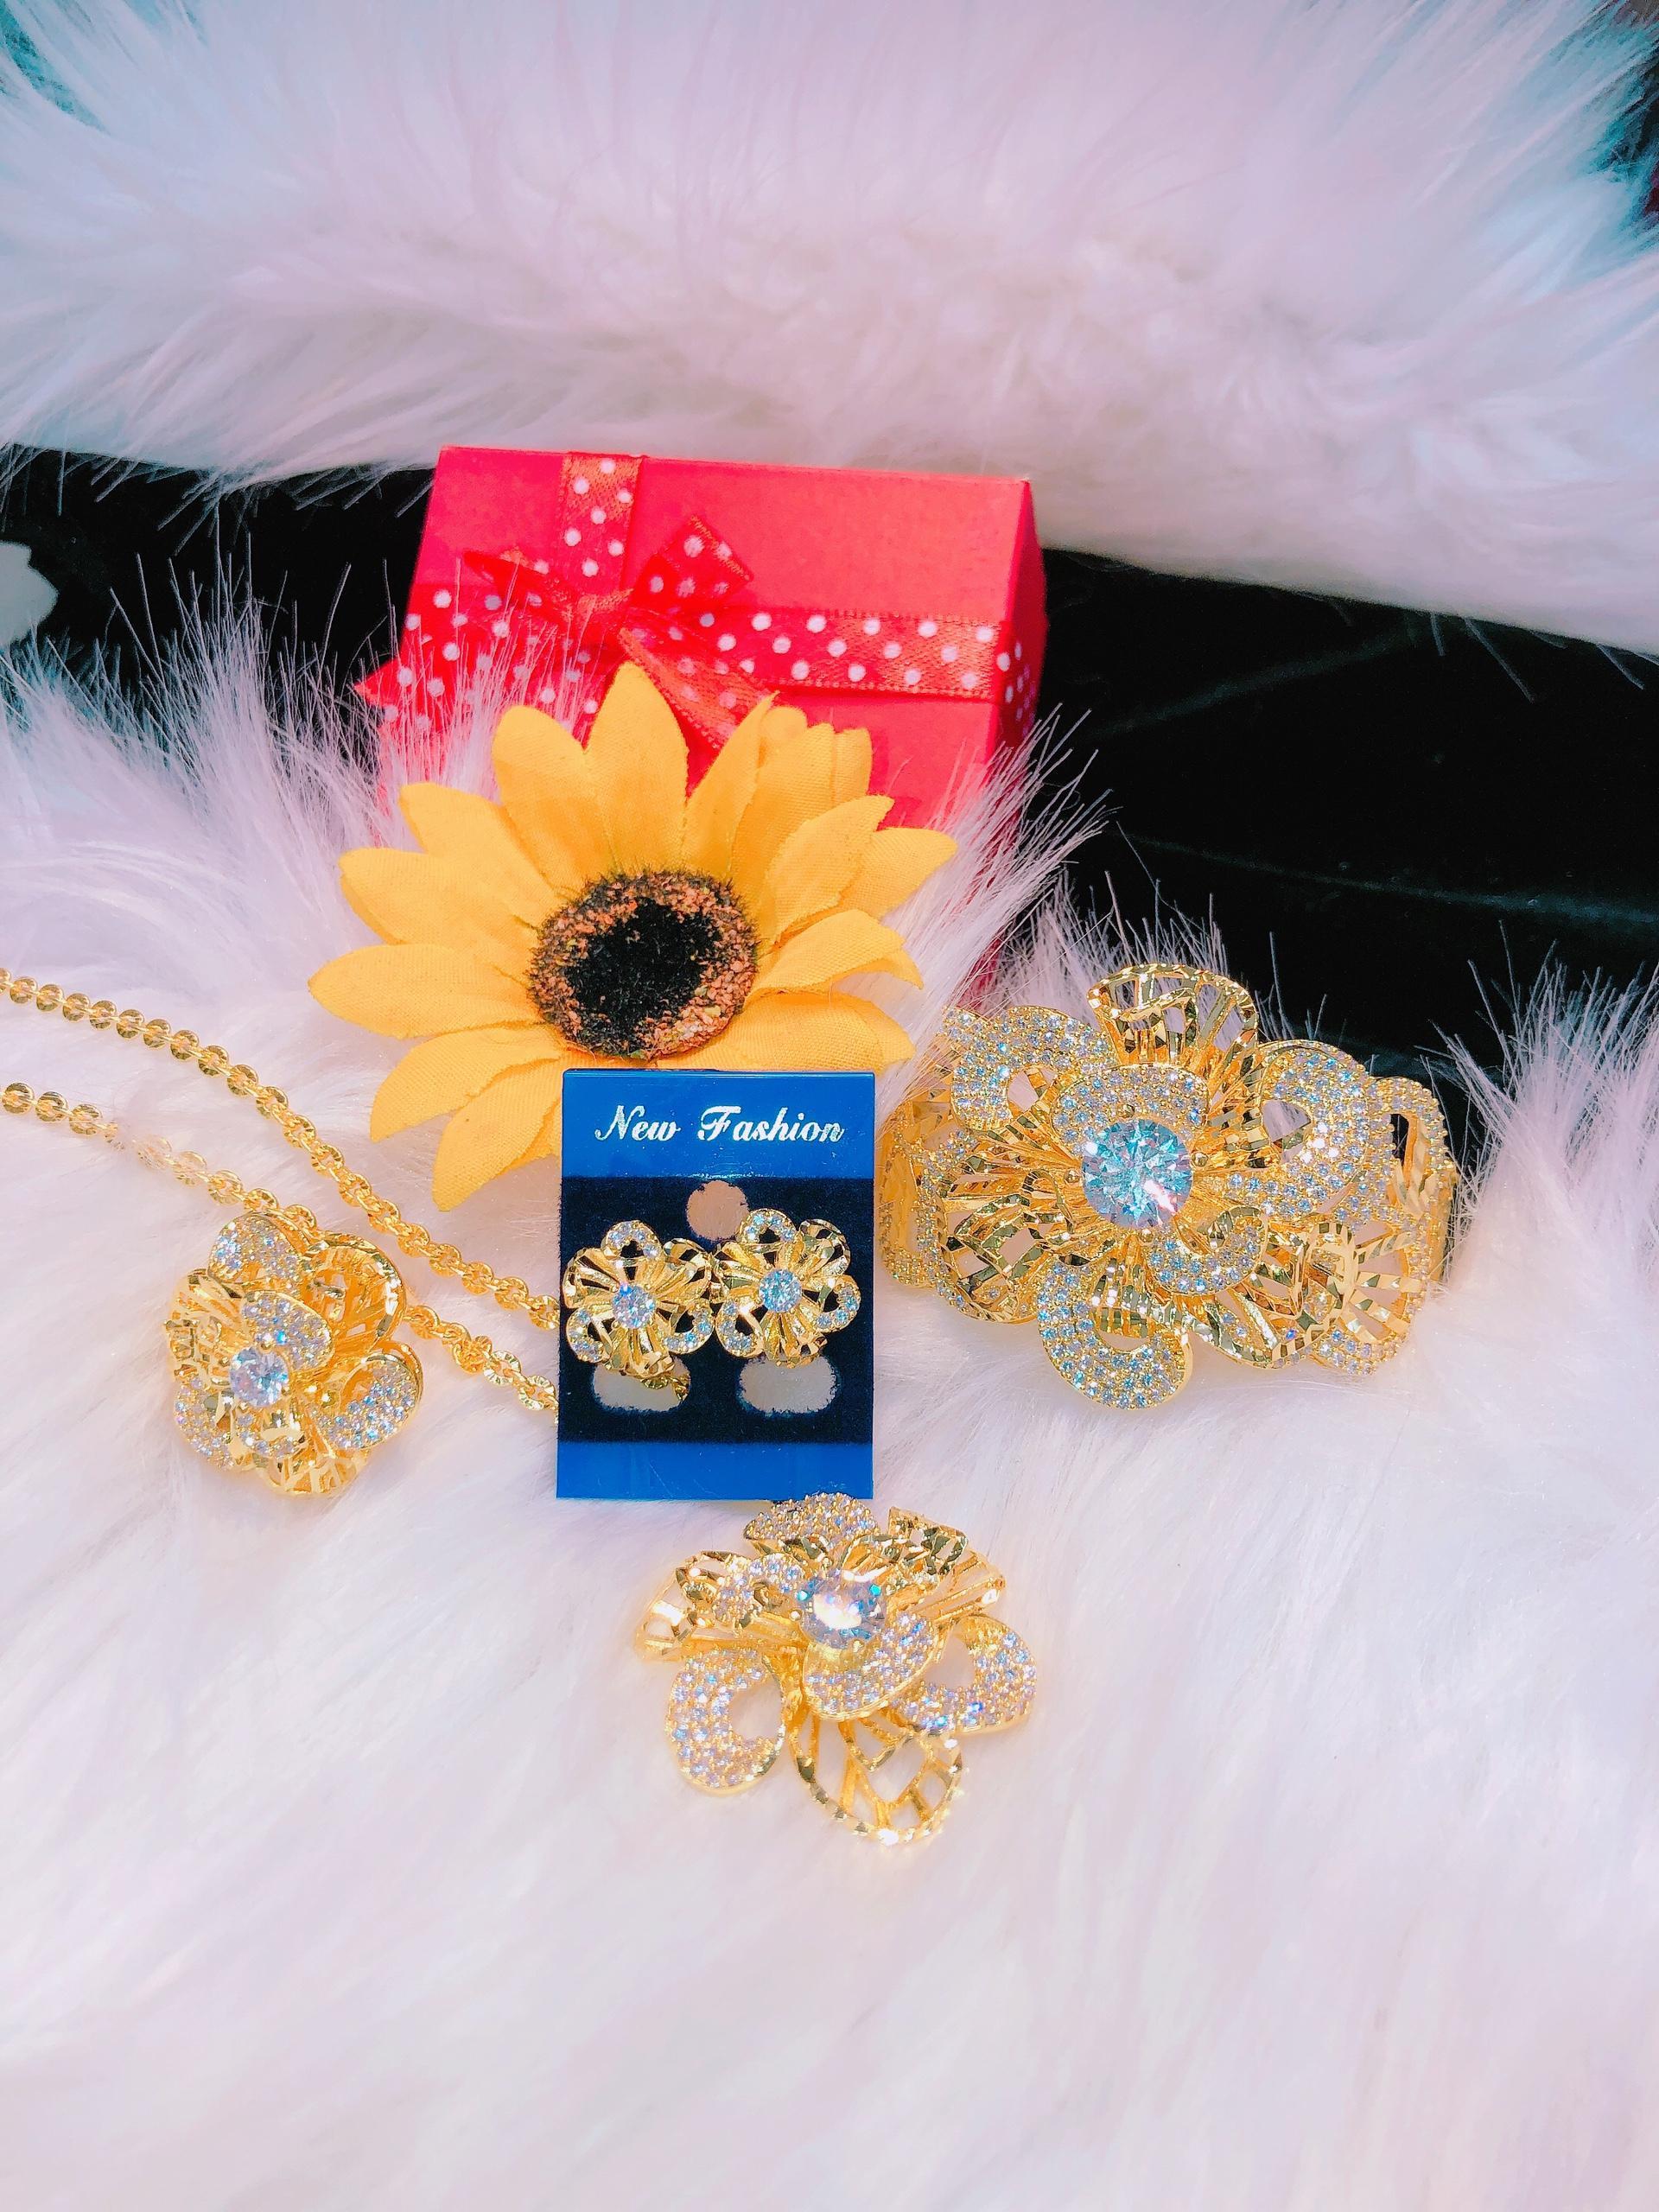 [GIÁ CỰC SỐC] Bộ trang sức vàng nữ, bộ trang sức hoa xoáy cao cấp dát đá pha lê phản chiếu ánh sáng lấp lánh gắn nhụy đá trắng thiết kế xinh đẹp Trang sức Gadoshop VB421091918 - đeo làm công sở cực sang chảnh và quý phái